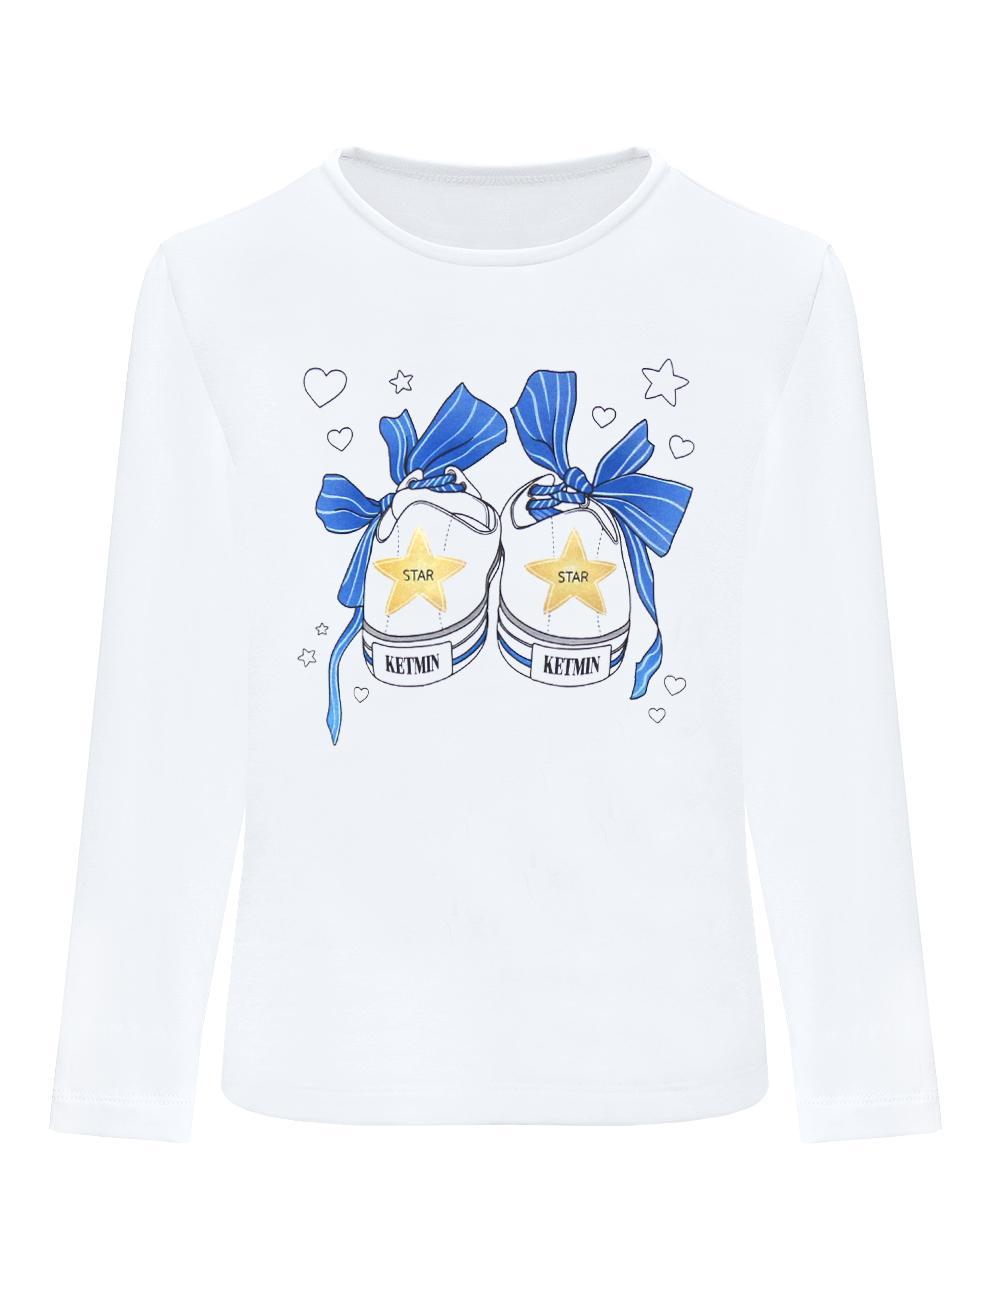 Лонгслив детский KETMIN Кеды цв.Белый/синий